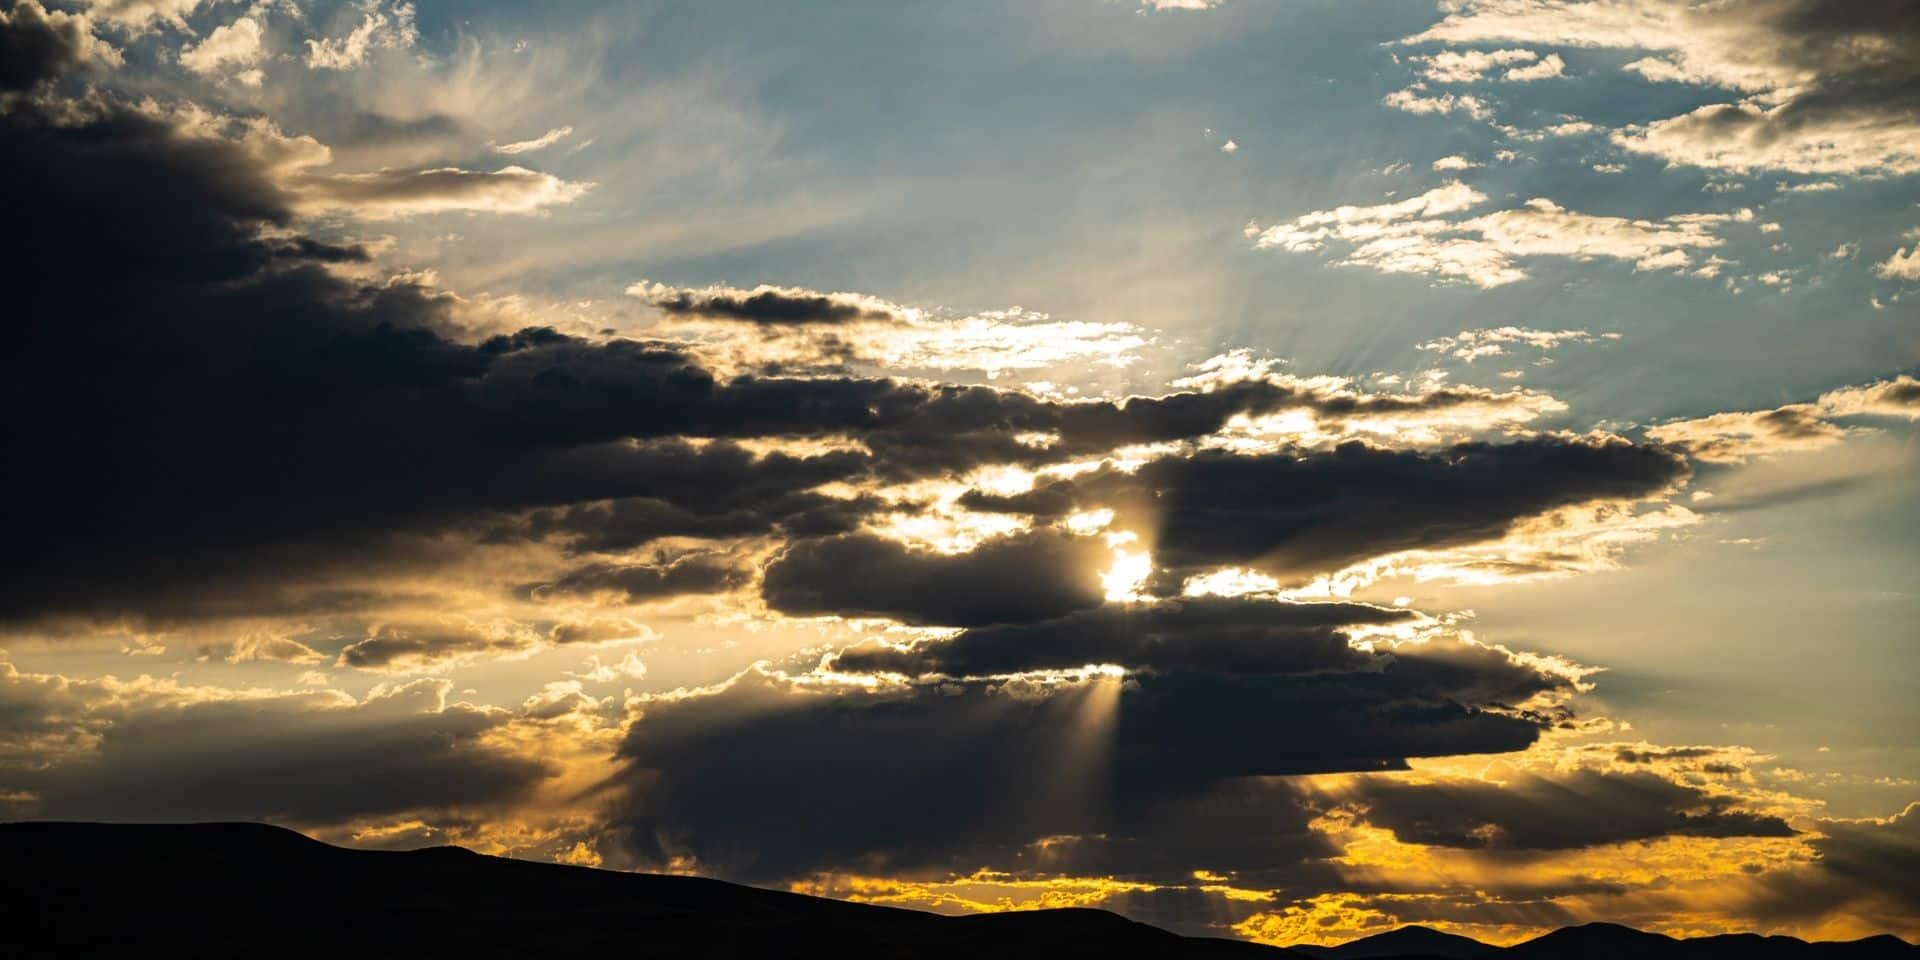 Météo: du soleil et des nuages au programme ce mardi